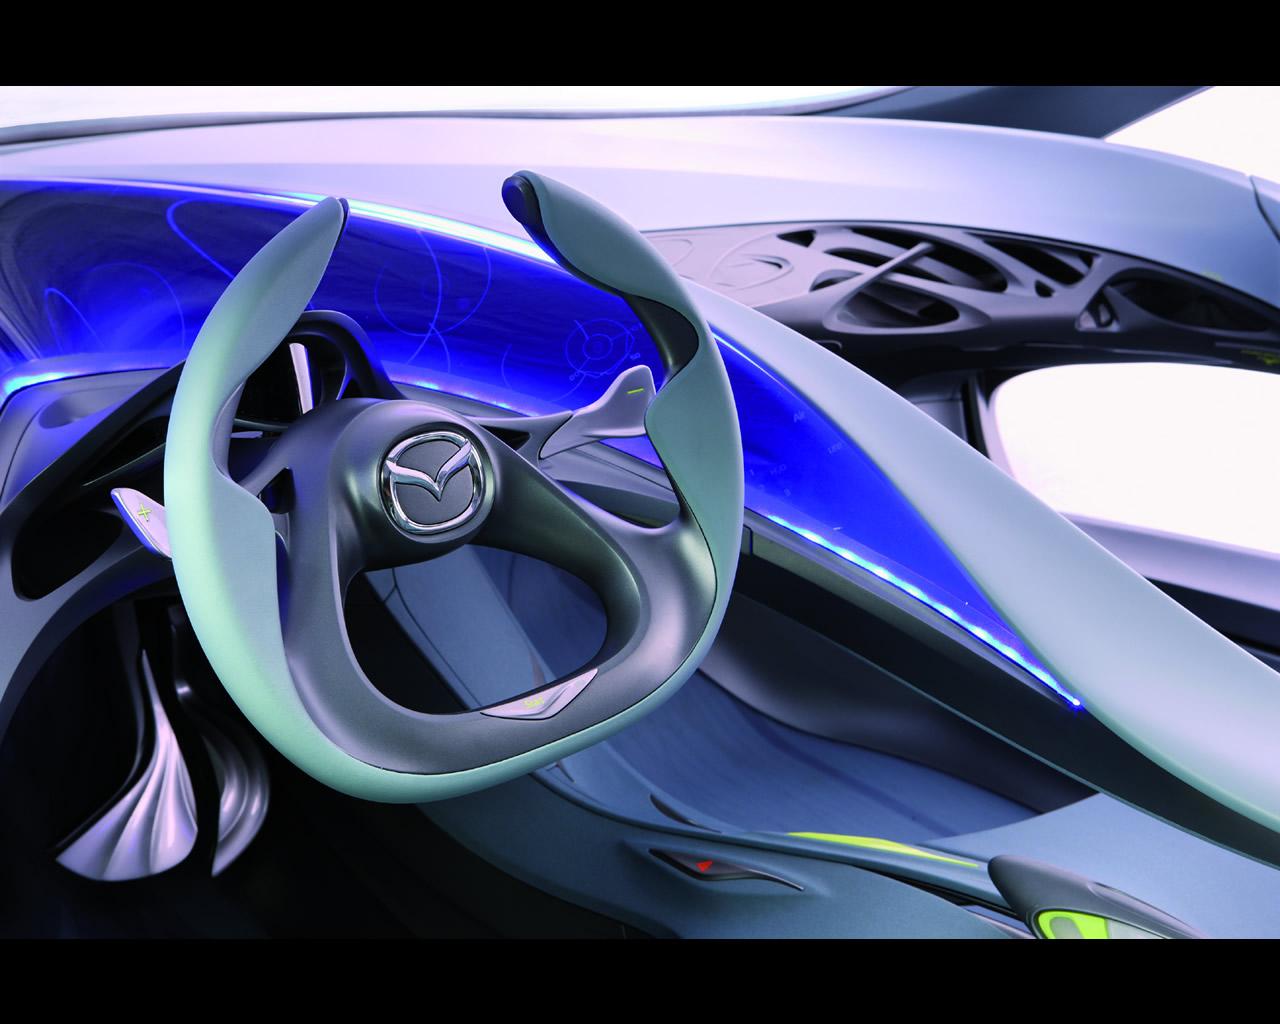 http://autoconcept-reviews.com/cars_reviews/mazda/mazda-kiyora-concept-2008/wallpaper/Mazda_Kiyora_int3.jpg